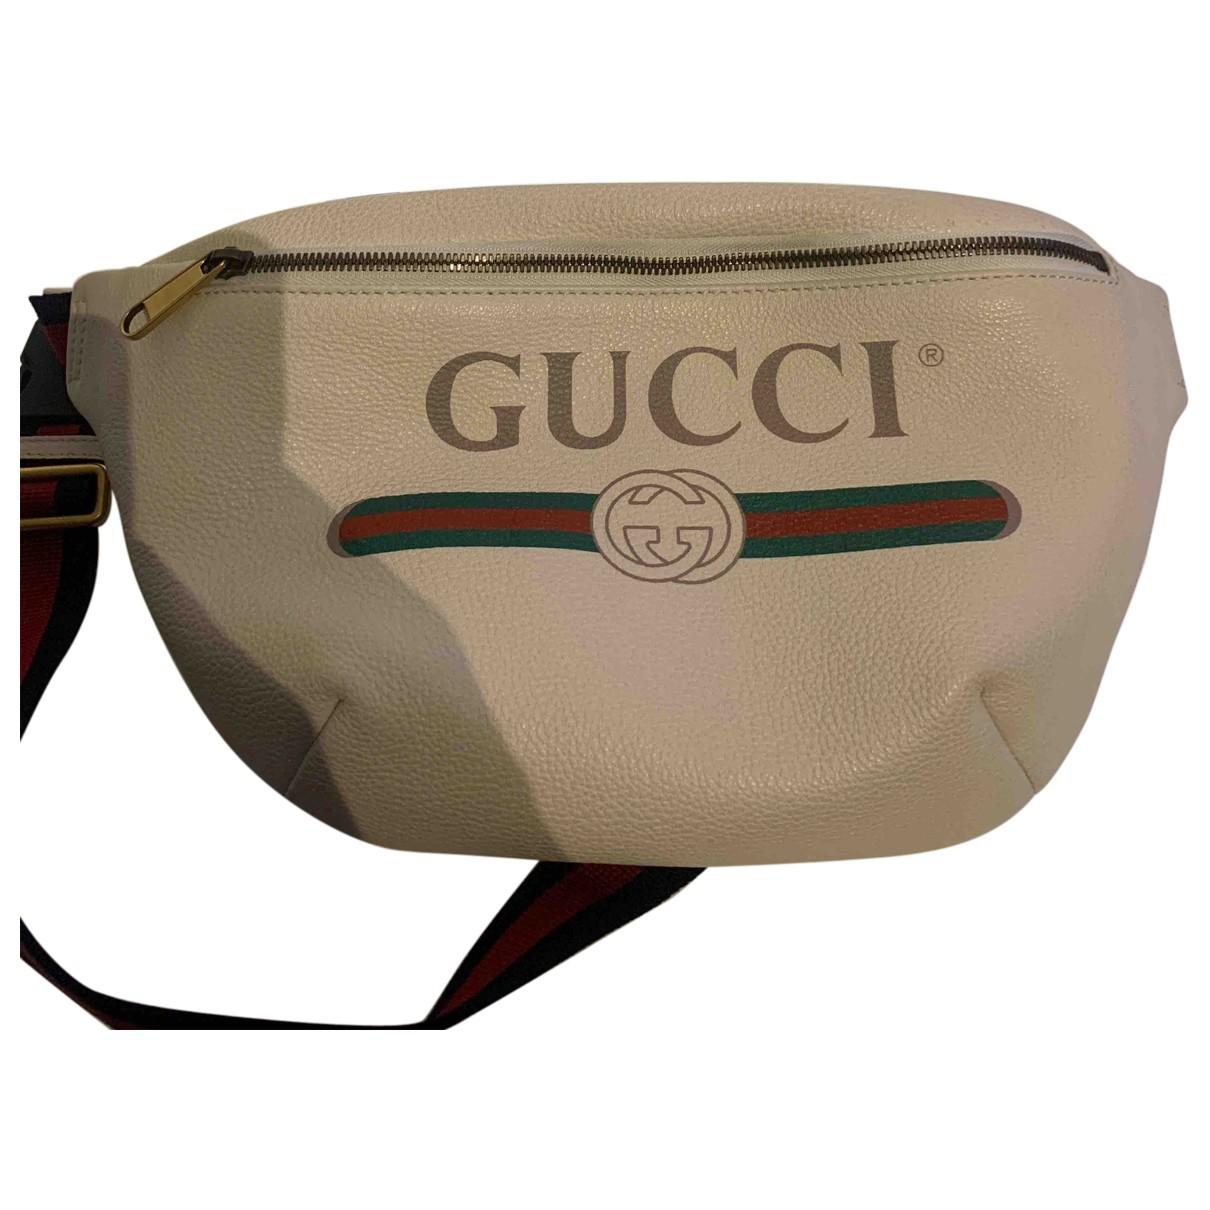 Gucci - Petite maroquinerie   pour homme en cuir - blanc